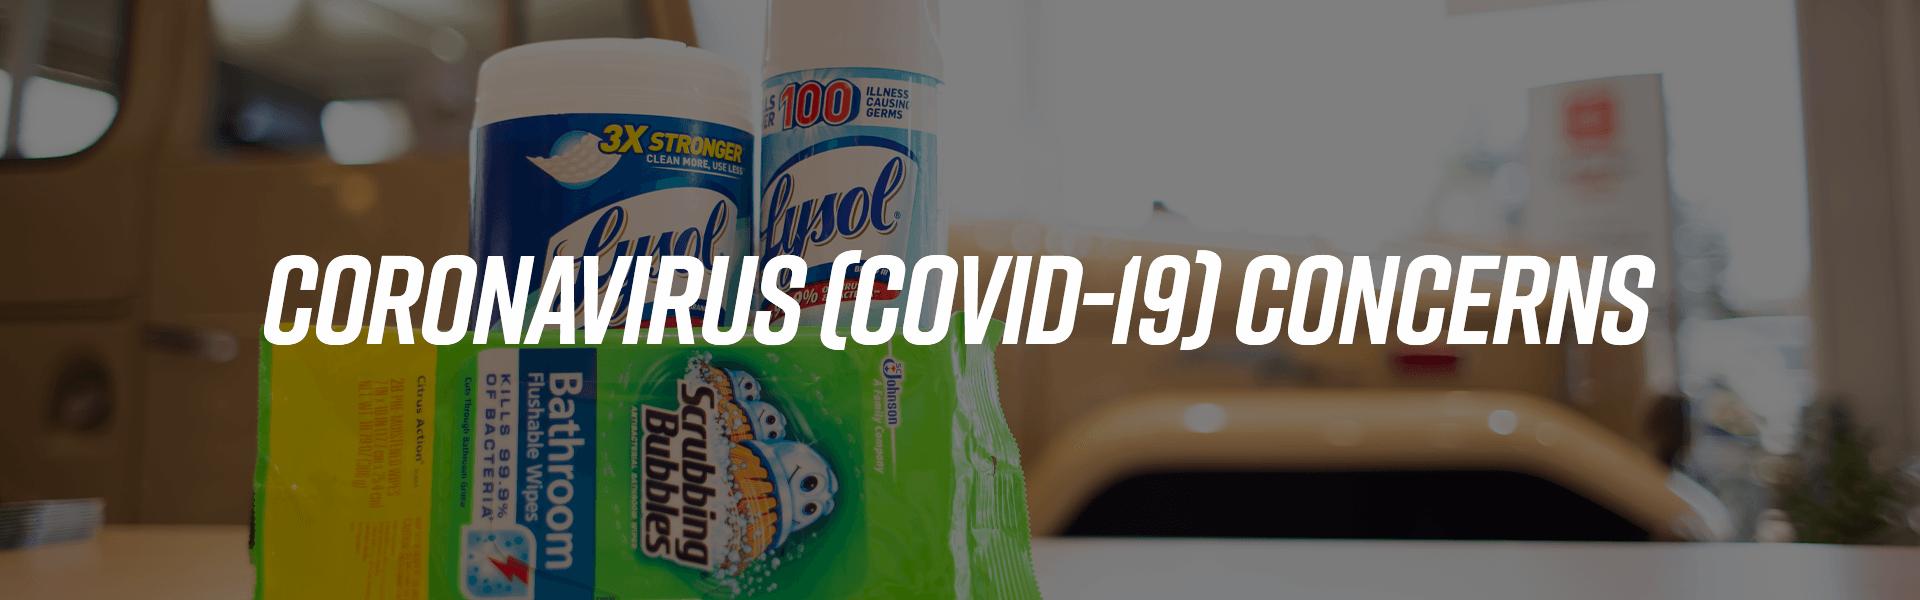 Coronavirus scrubbing bubbles